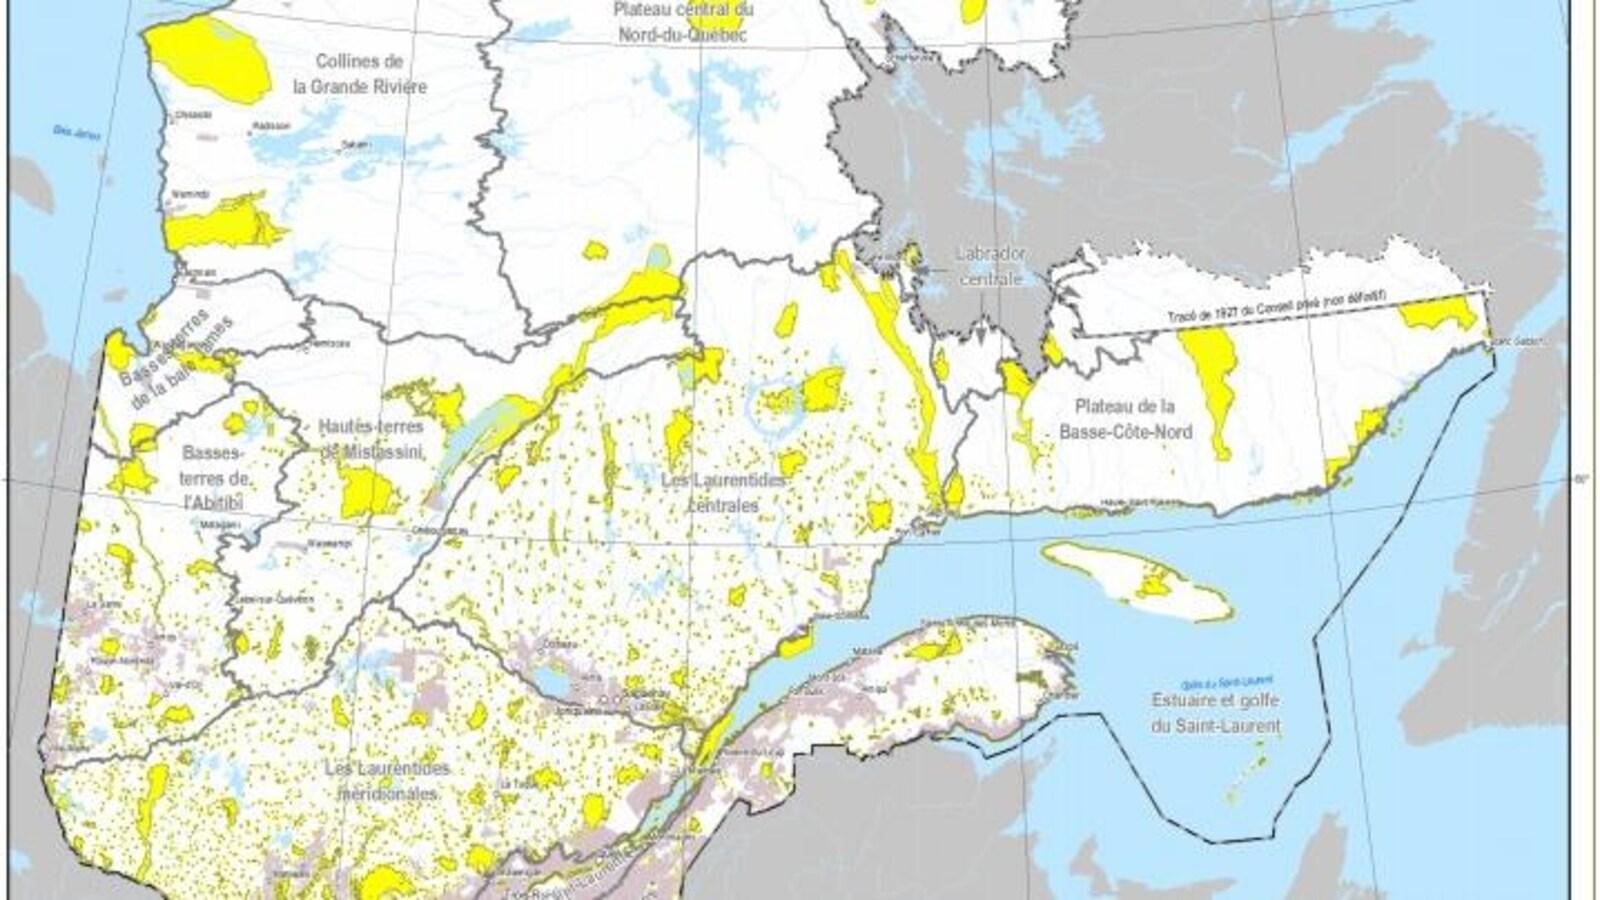 En jaune: aire protégée. En brun: terre privée